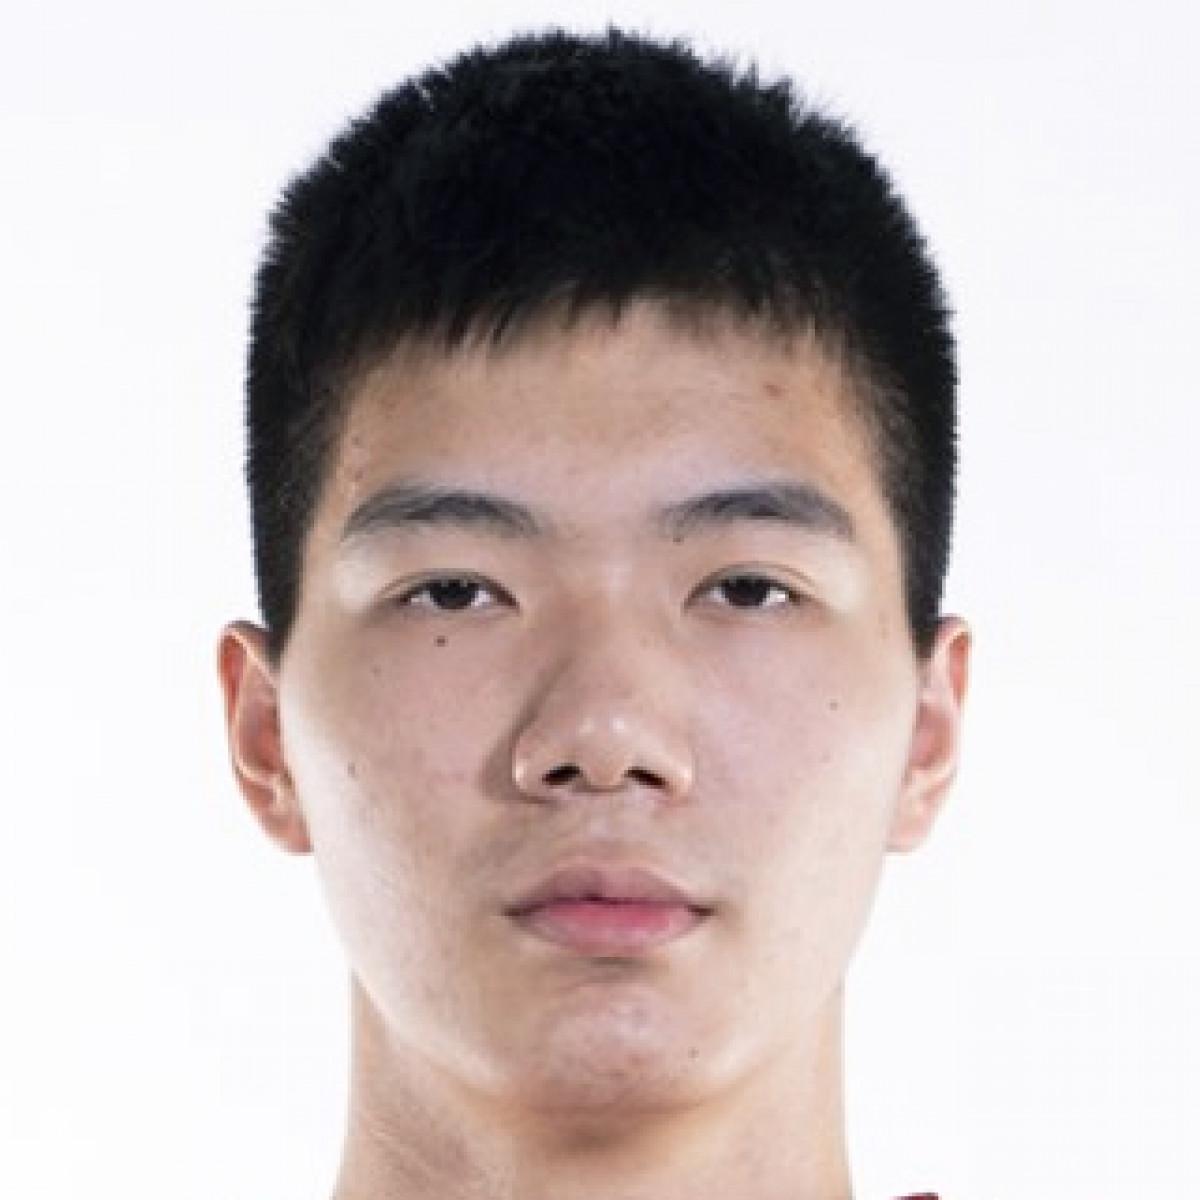 Boqiao Jiao